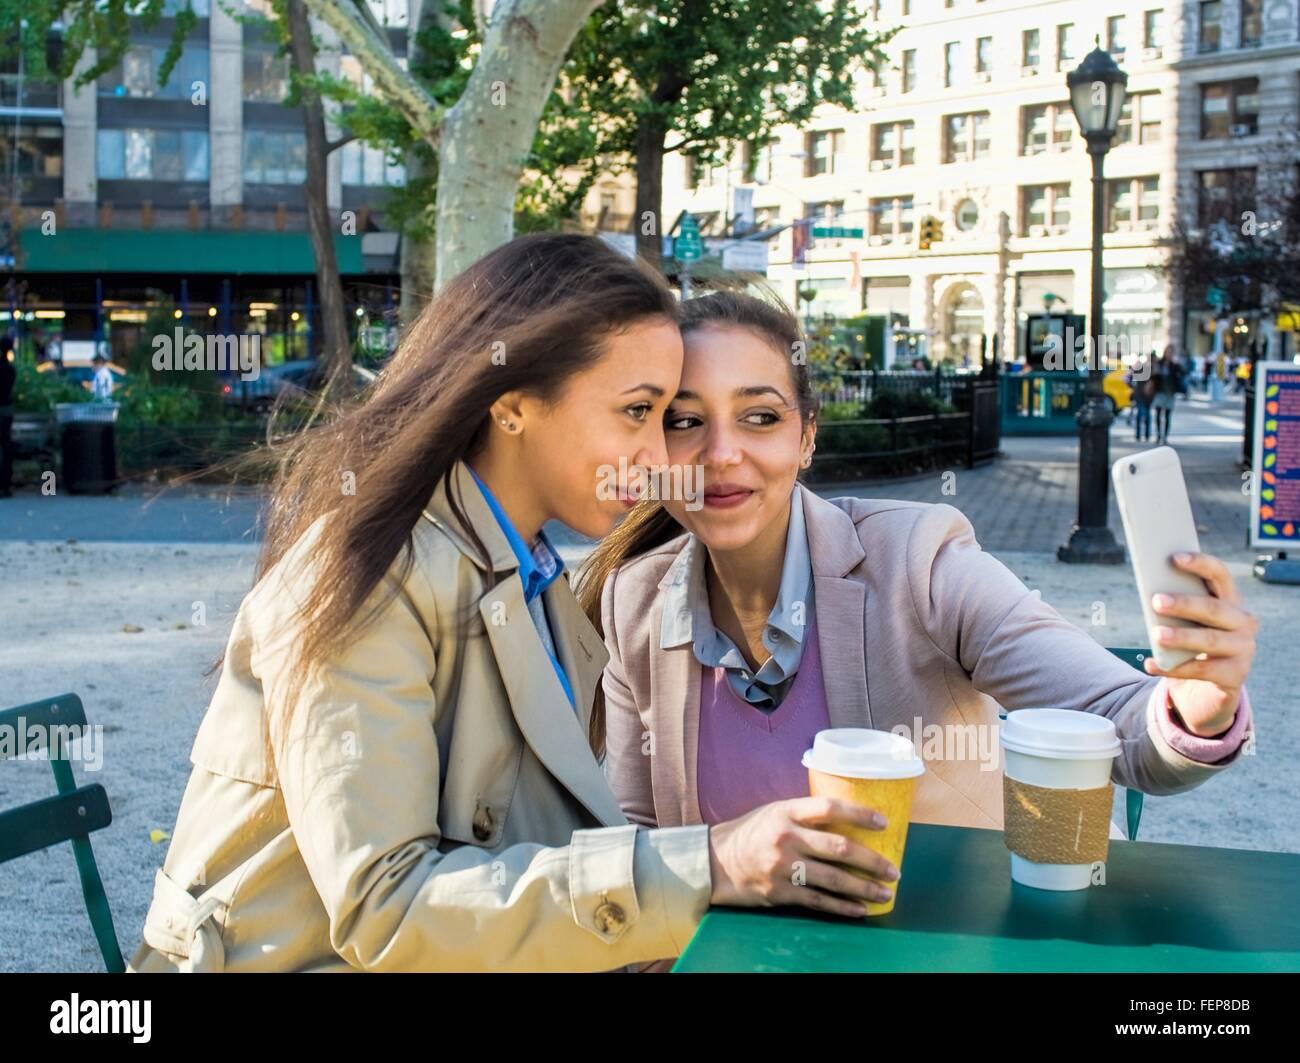 Junge Erwachsene weibliche Zwillinge nehmen Selfie im Stadtpark Stockbild